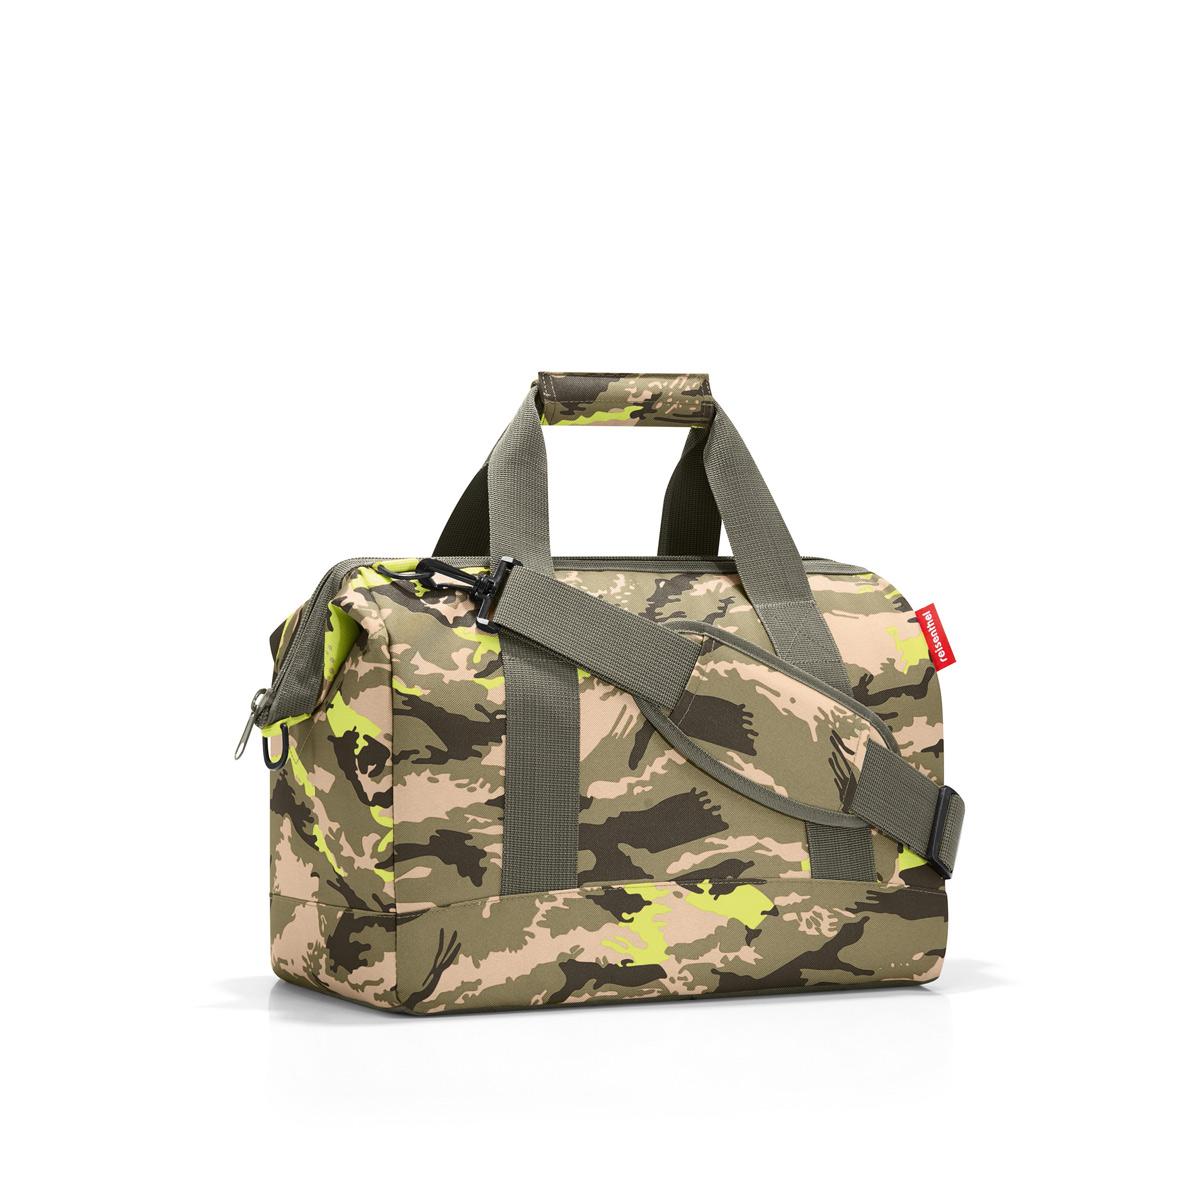 Сумка Reisenthel Allrounder М camouflage, цвет: зеленый, бежевый. MS50343-47670-00504Практичная сумка для спорта и путешествий. Приятные объемные стенки и дно создают силуэт, напоминающий старинные врачебные сумки - встроенные металлические скобы фиксируют сумку в открытом положении. У модели 6 внутренних карманов, две удобные ручки и регулируемый ремень.Объем – 18 литров.